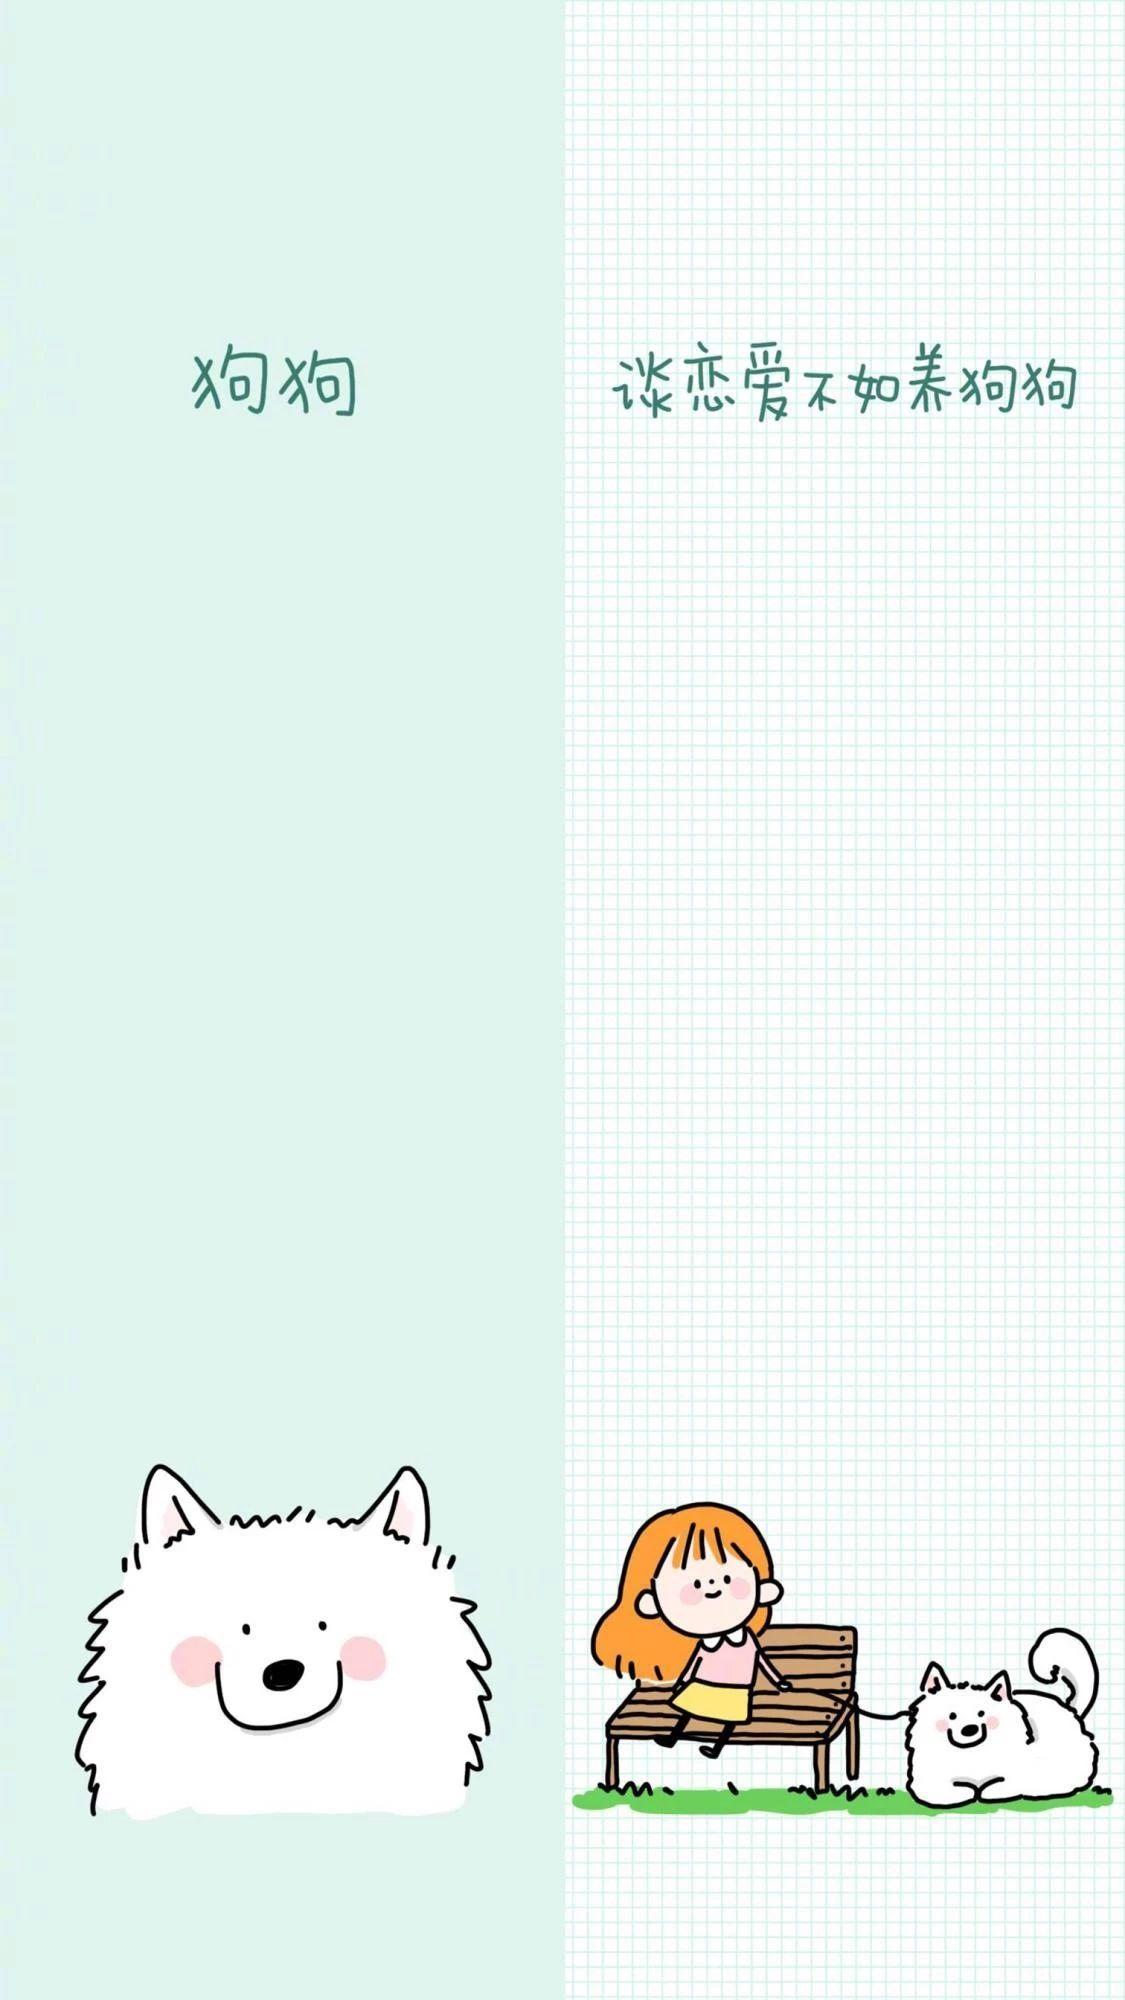 QQ微信聊天背景图:发财和发朋友圈,你总要发一个吧!插图31